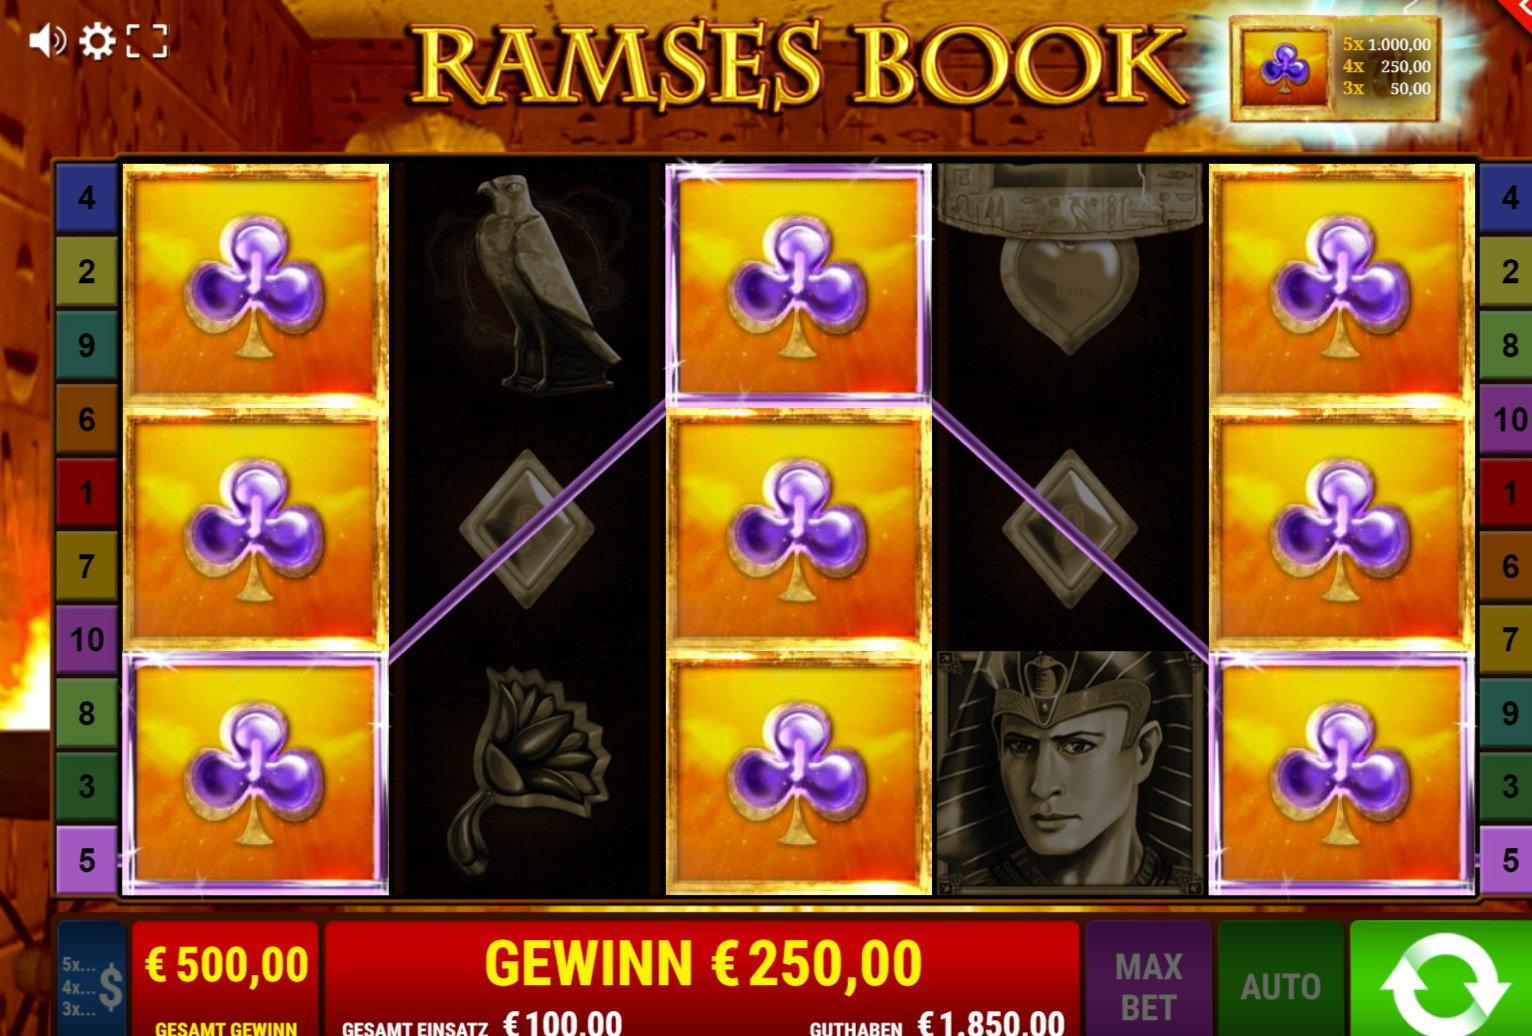 Ramses Book – Gewinne